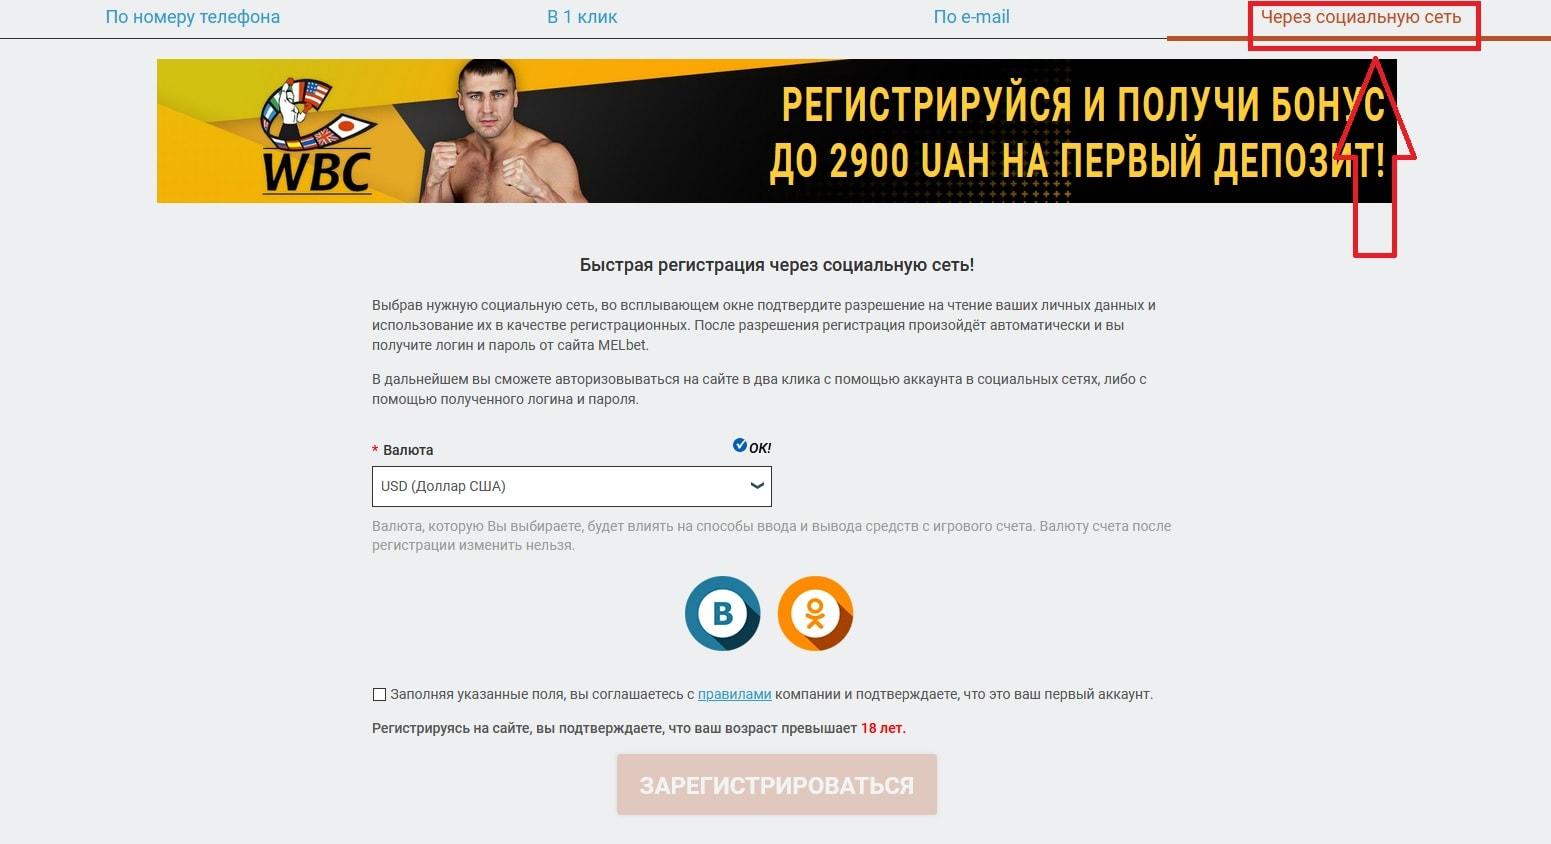 Авторизация на сайте букмекера через социальный сети